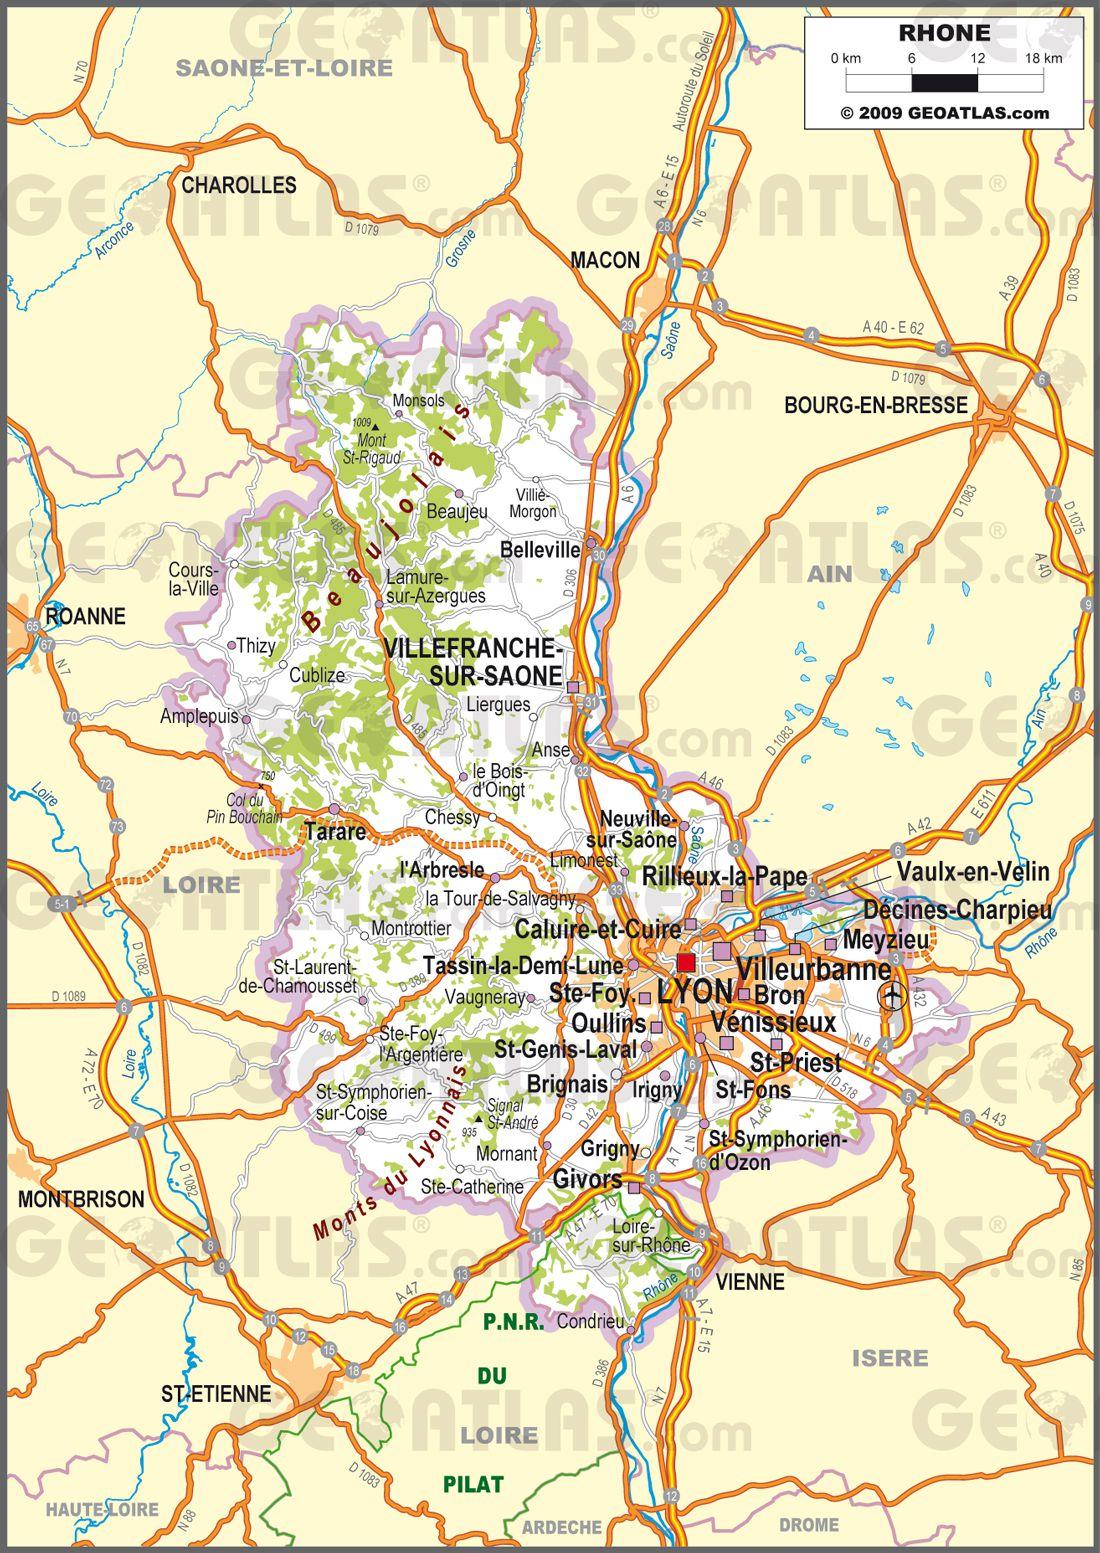 Carte routière du Rhône